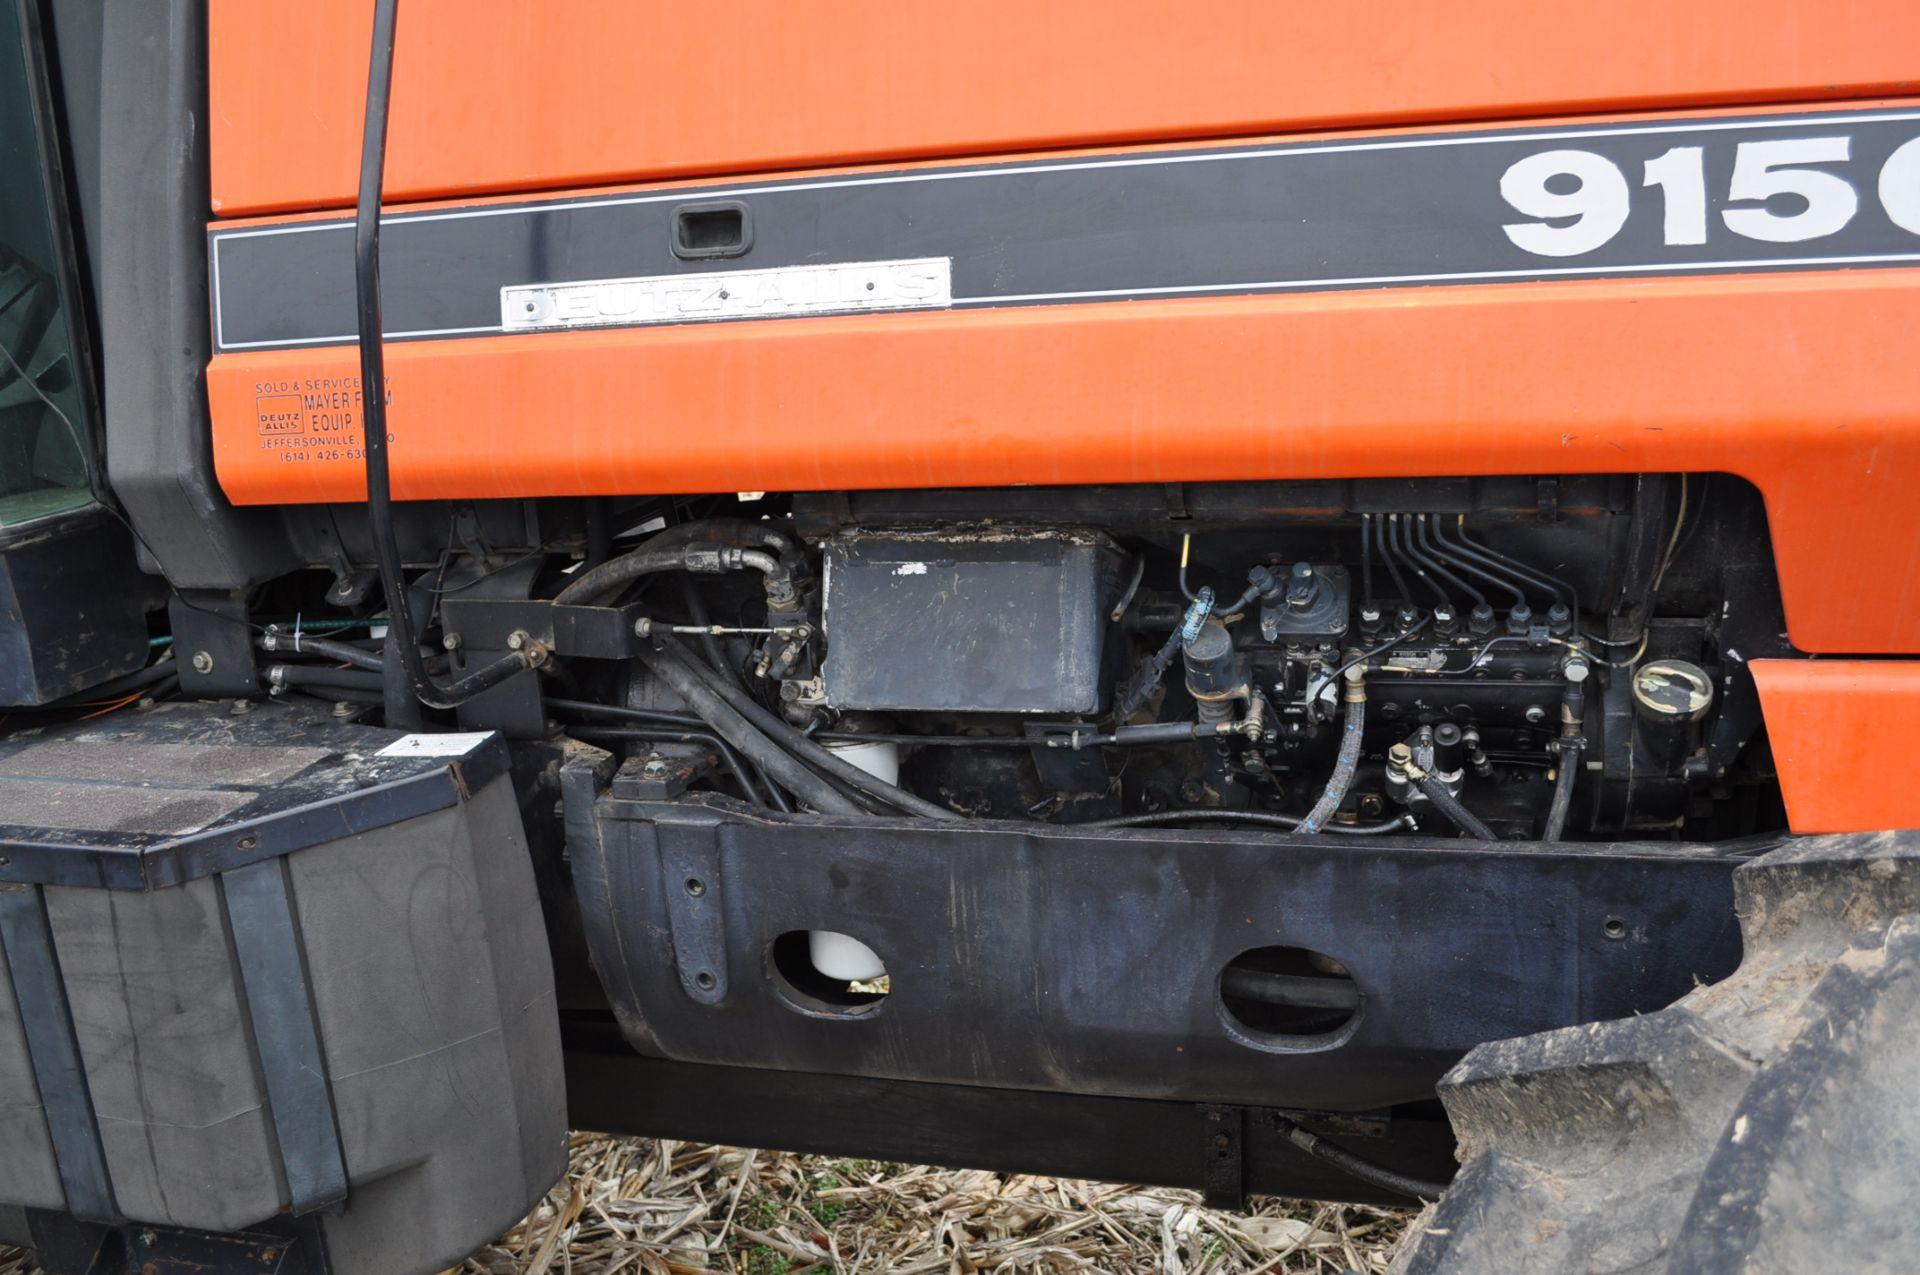 Deutz Allis 9150 tractor, MFWD, 18.4 R 42 duals, 420/85 R 28 tires, 6+3 speed range, 2 hyd - Image 11 of 20